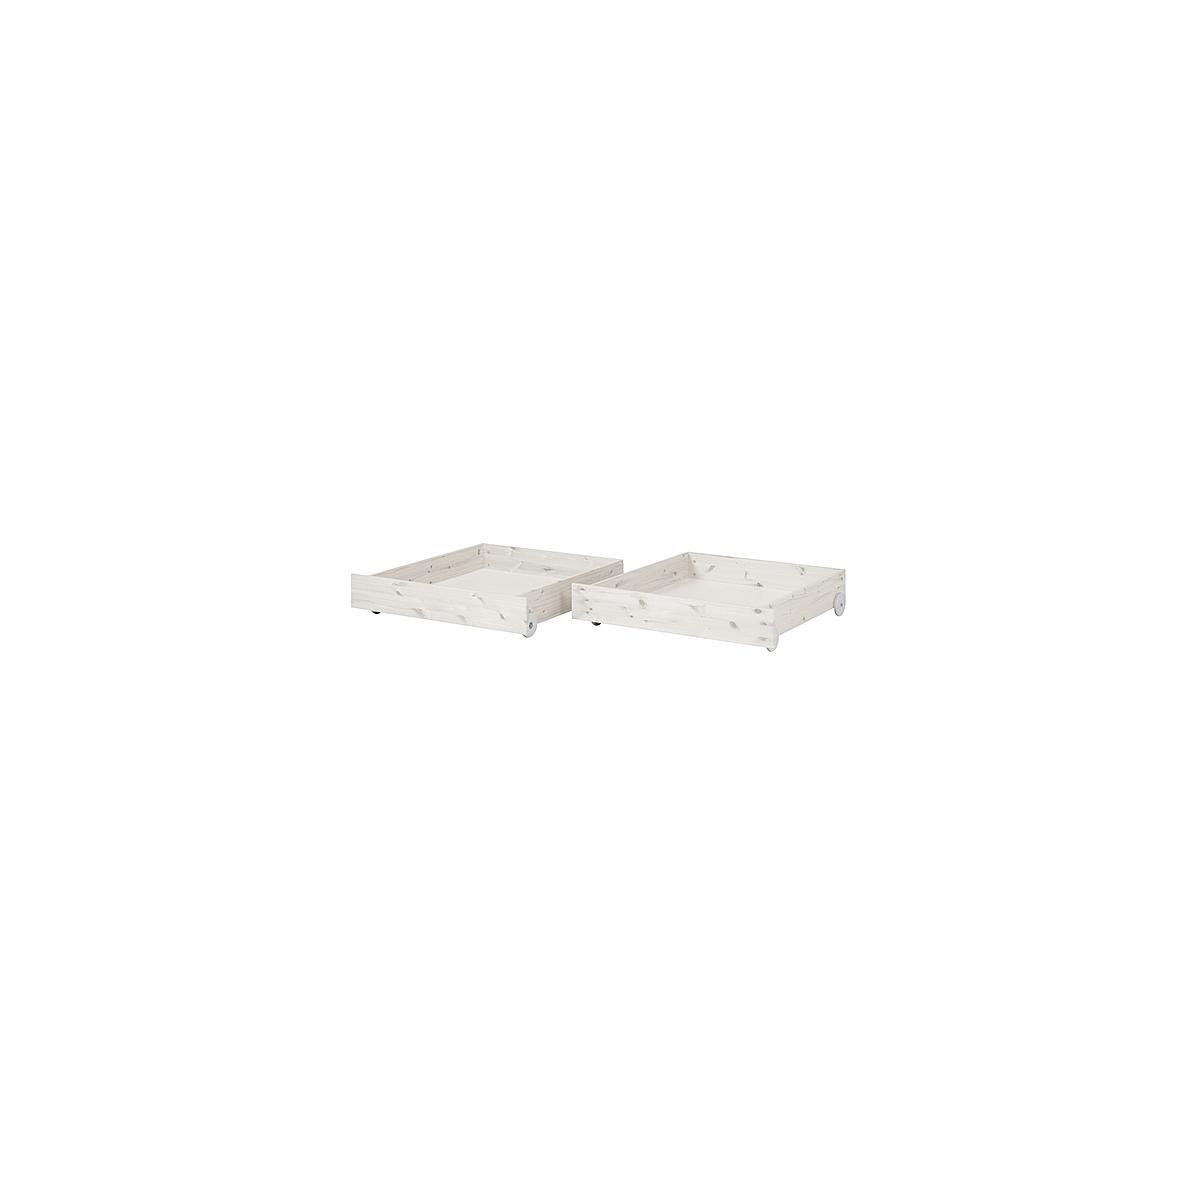 CLASSIC by Flexa Ensemble de 2 tiroirs blanchis pour lit simple ou lit superposé 90x190 cm